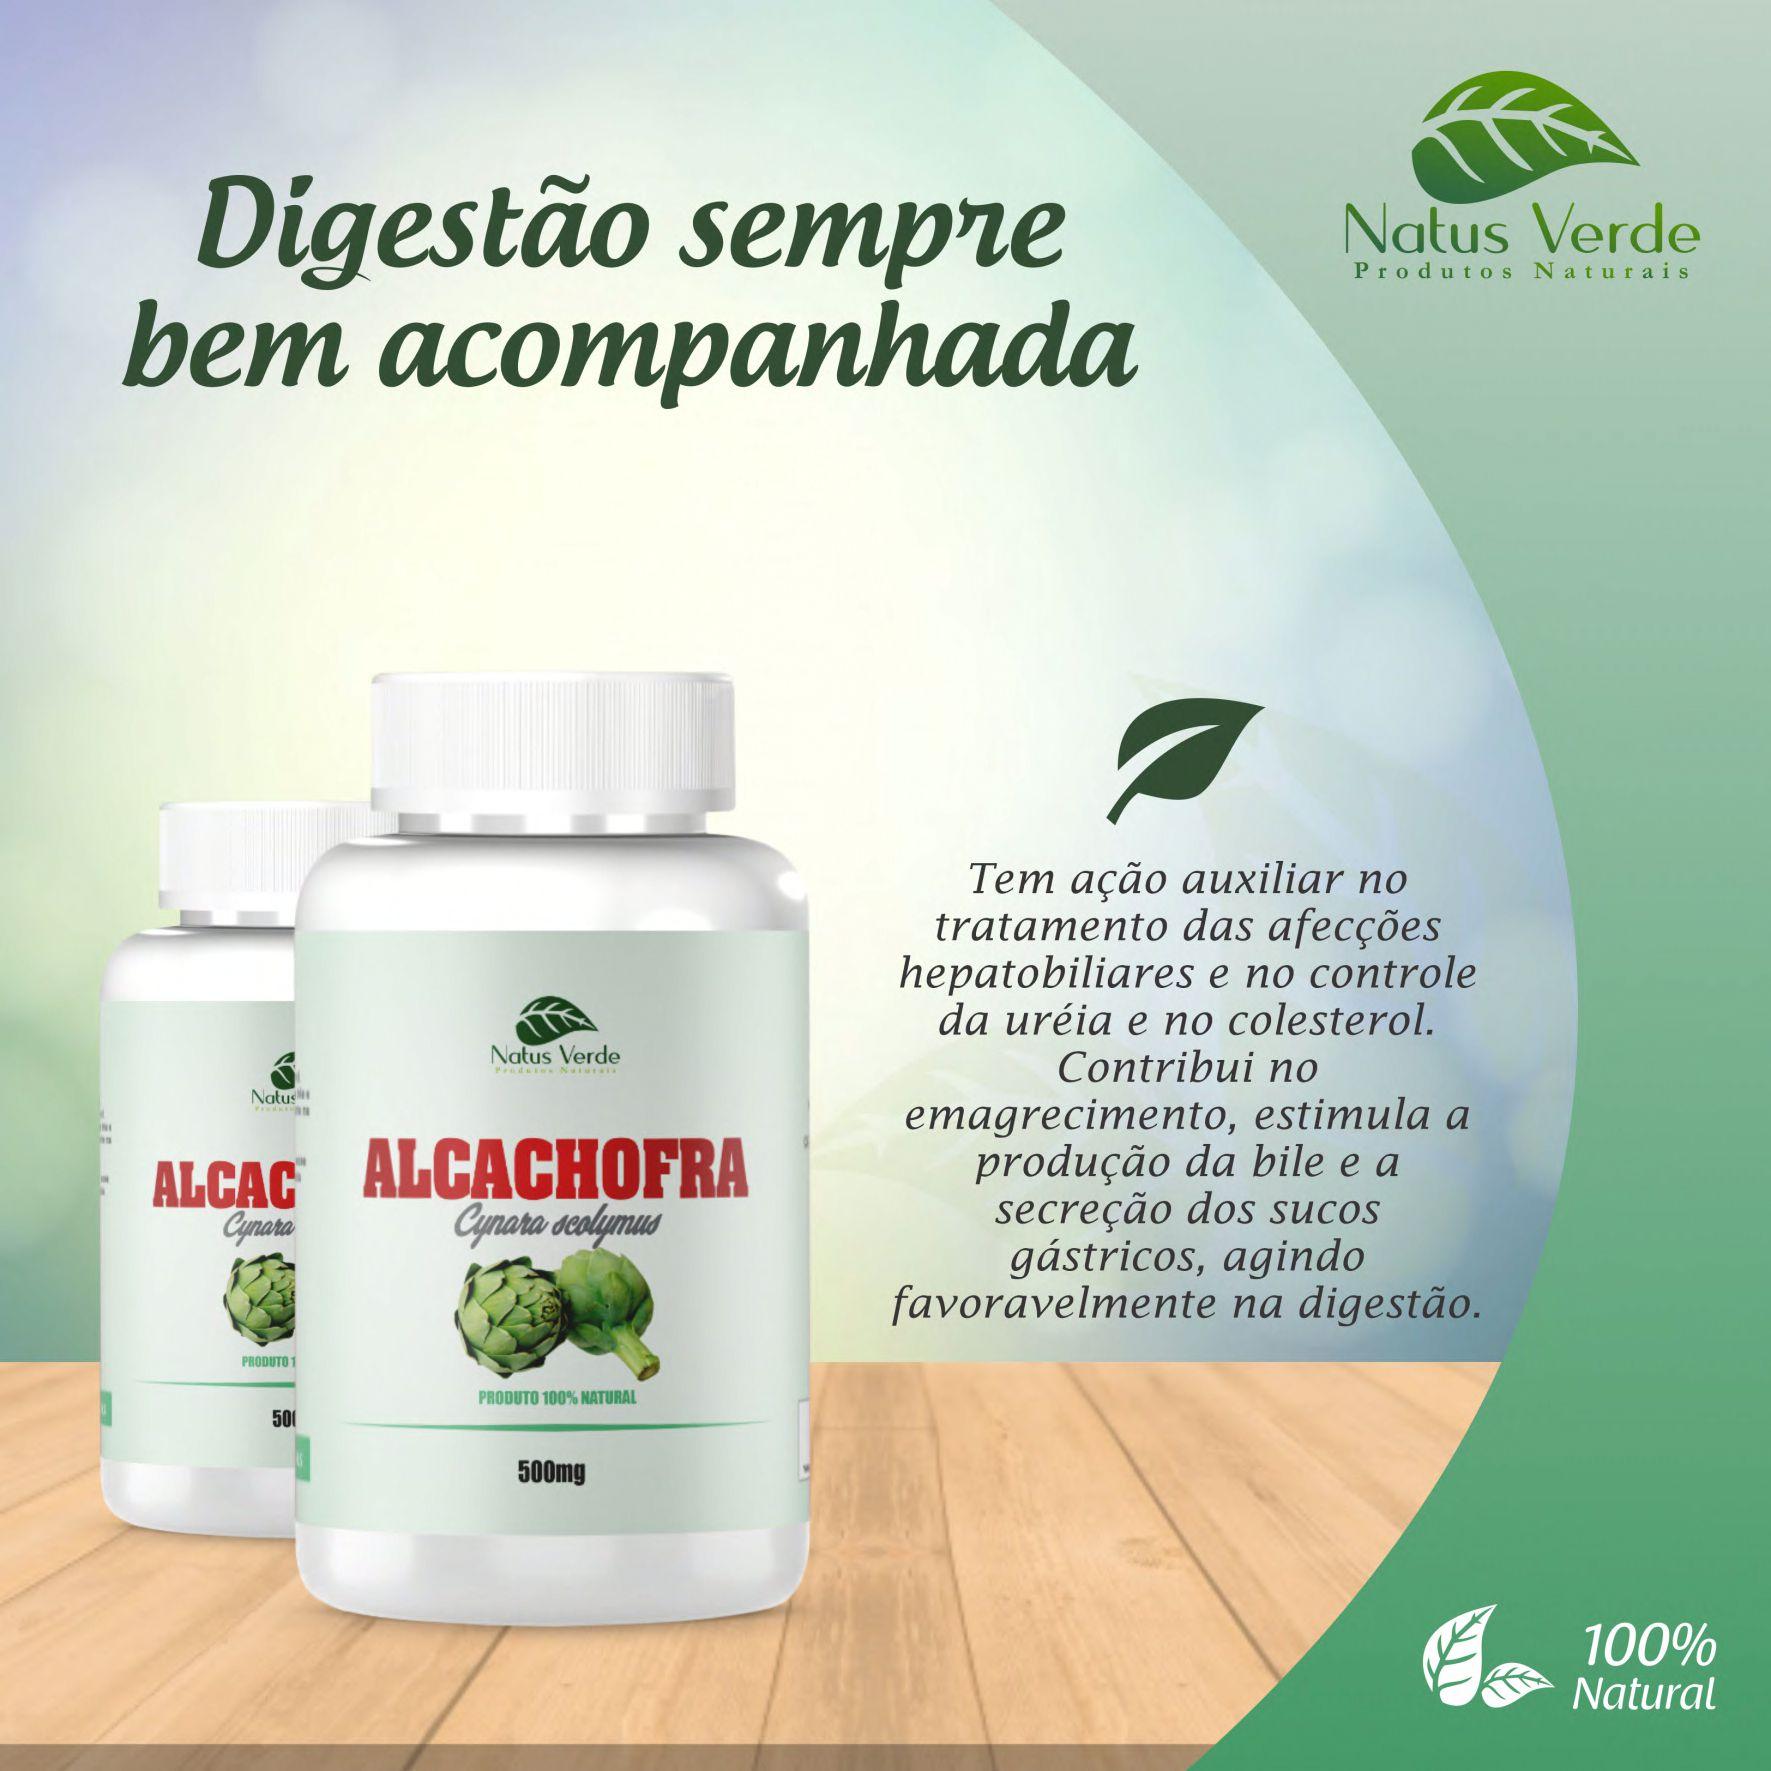 Suplemento Alimentício Alcachofra 60 Caps Natus Verde  - Fribasex - Fabricasex.com